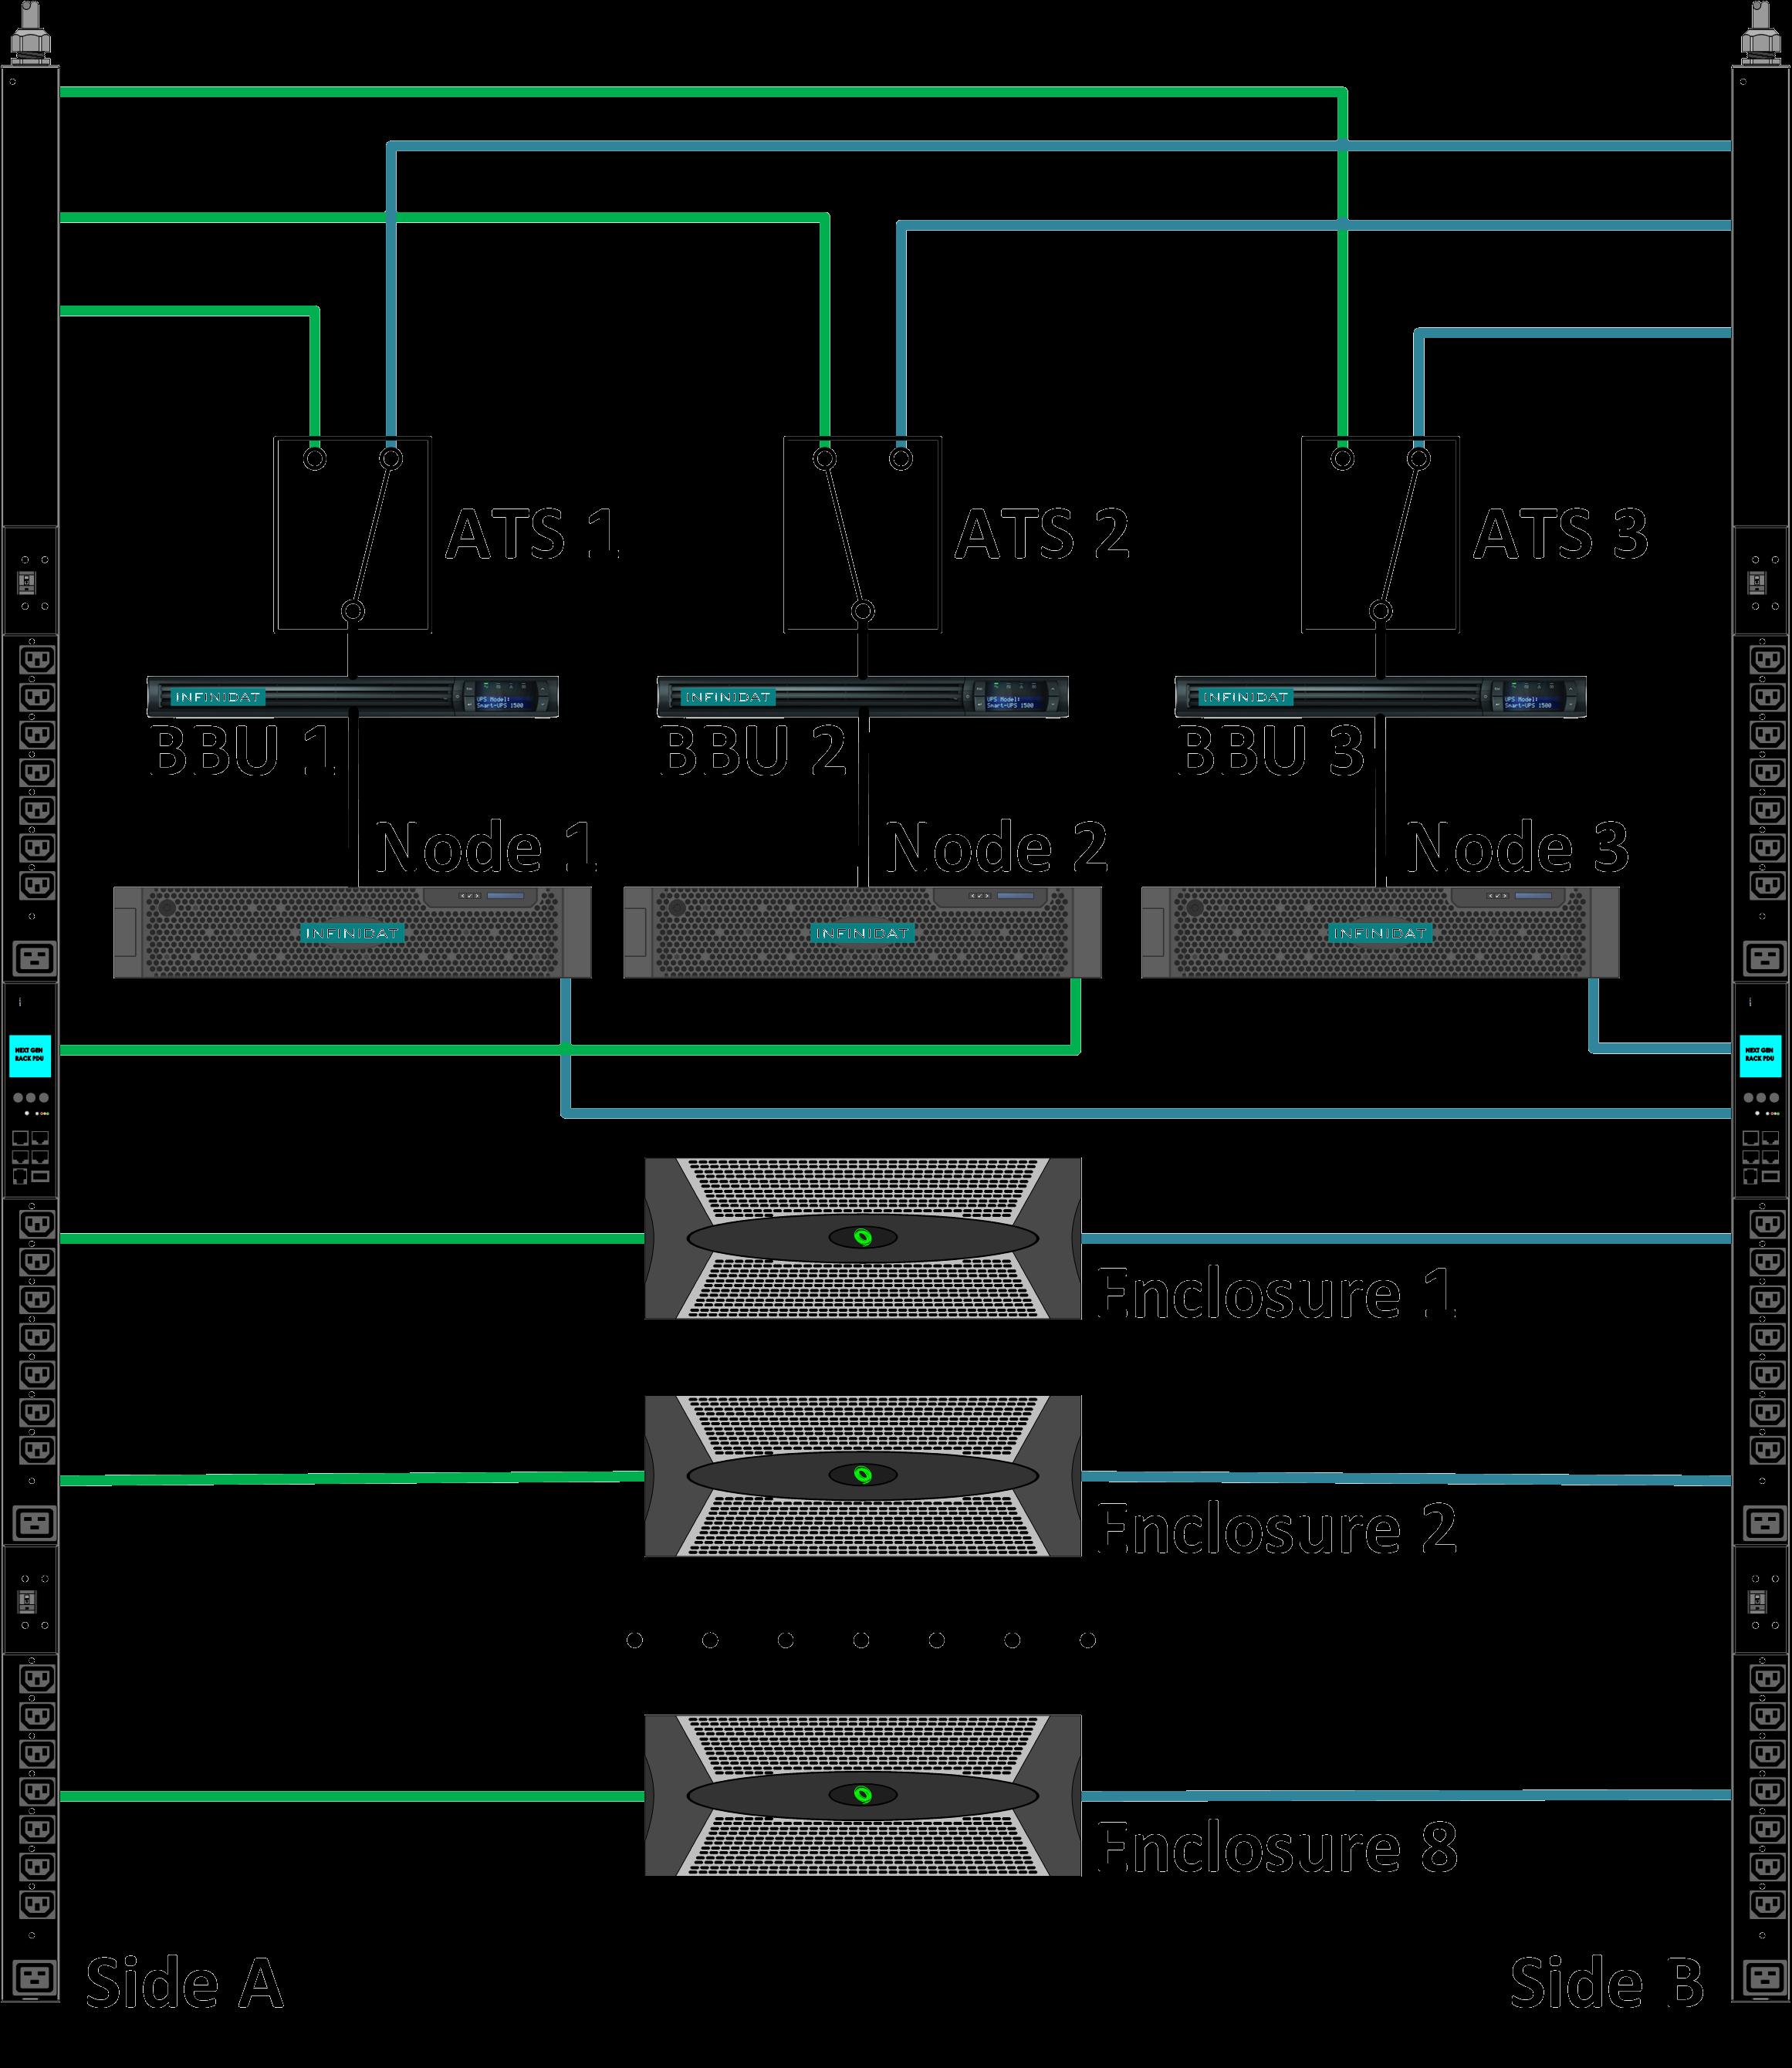 Технический обзор архитектуры СХД Infinidat - 12